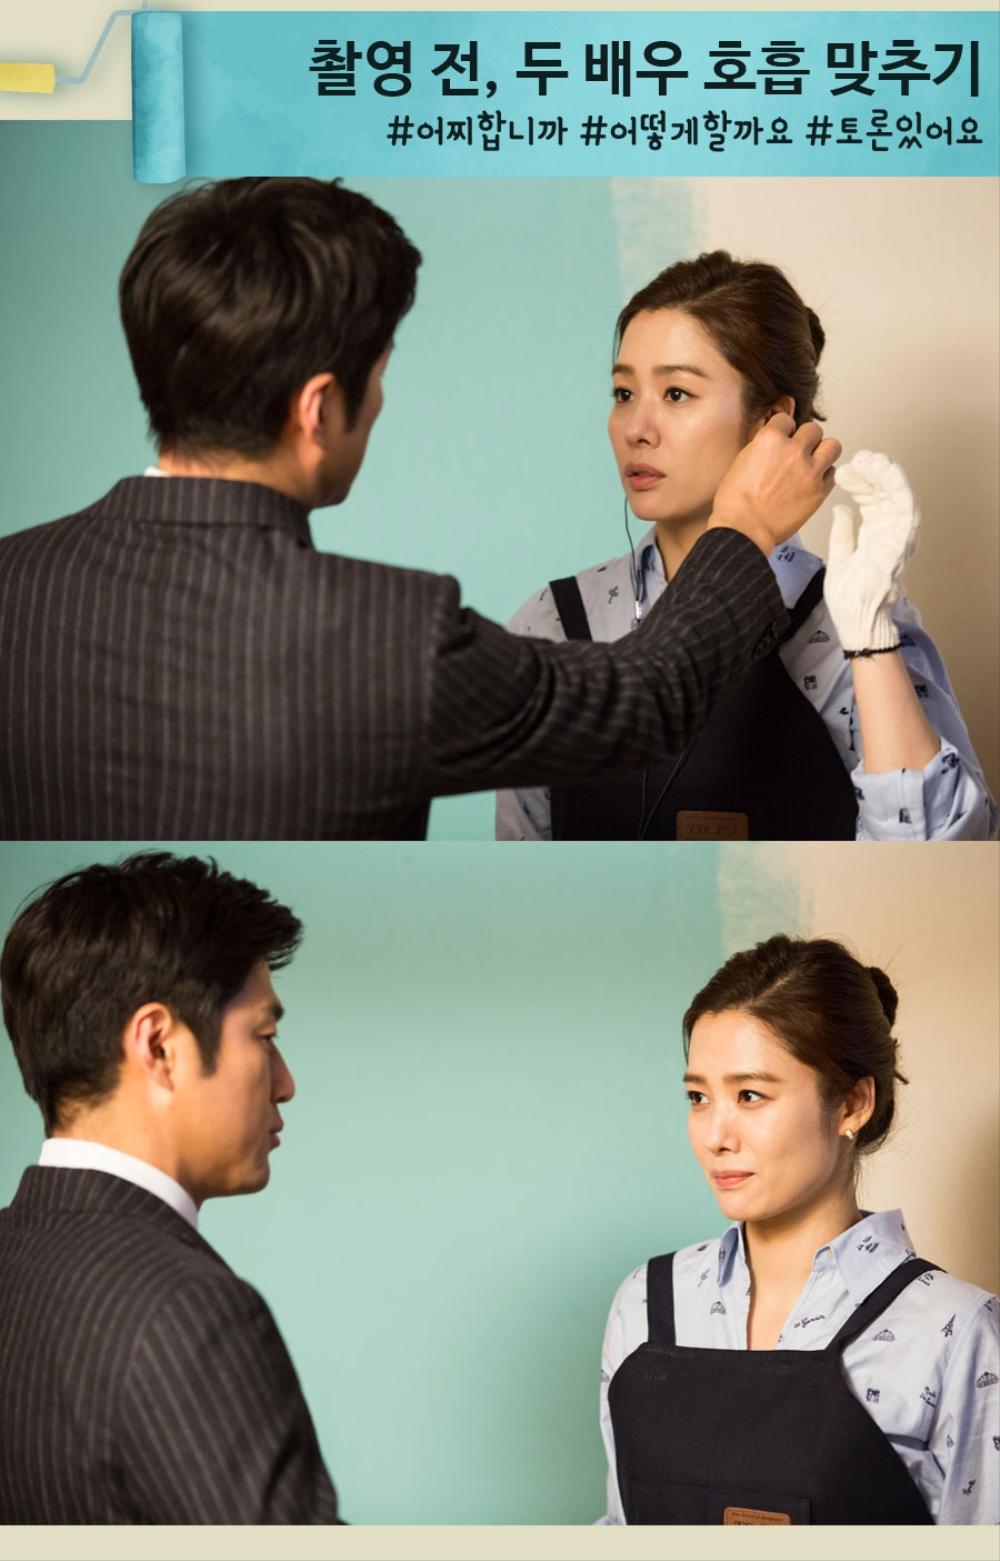 촬영 전, 두 배우의 호흡 맞추기. 서로 토론을 하고 있어요.